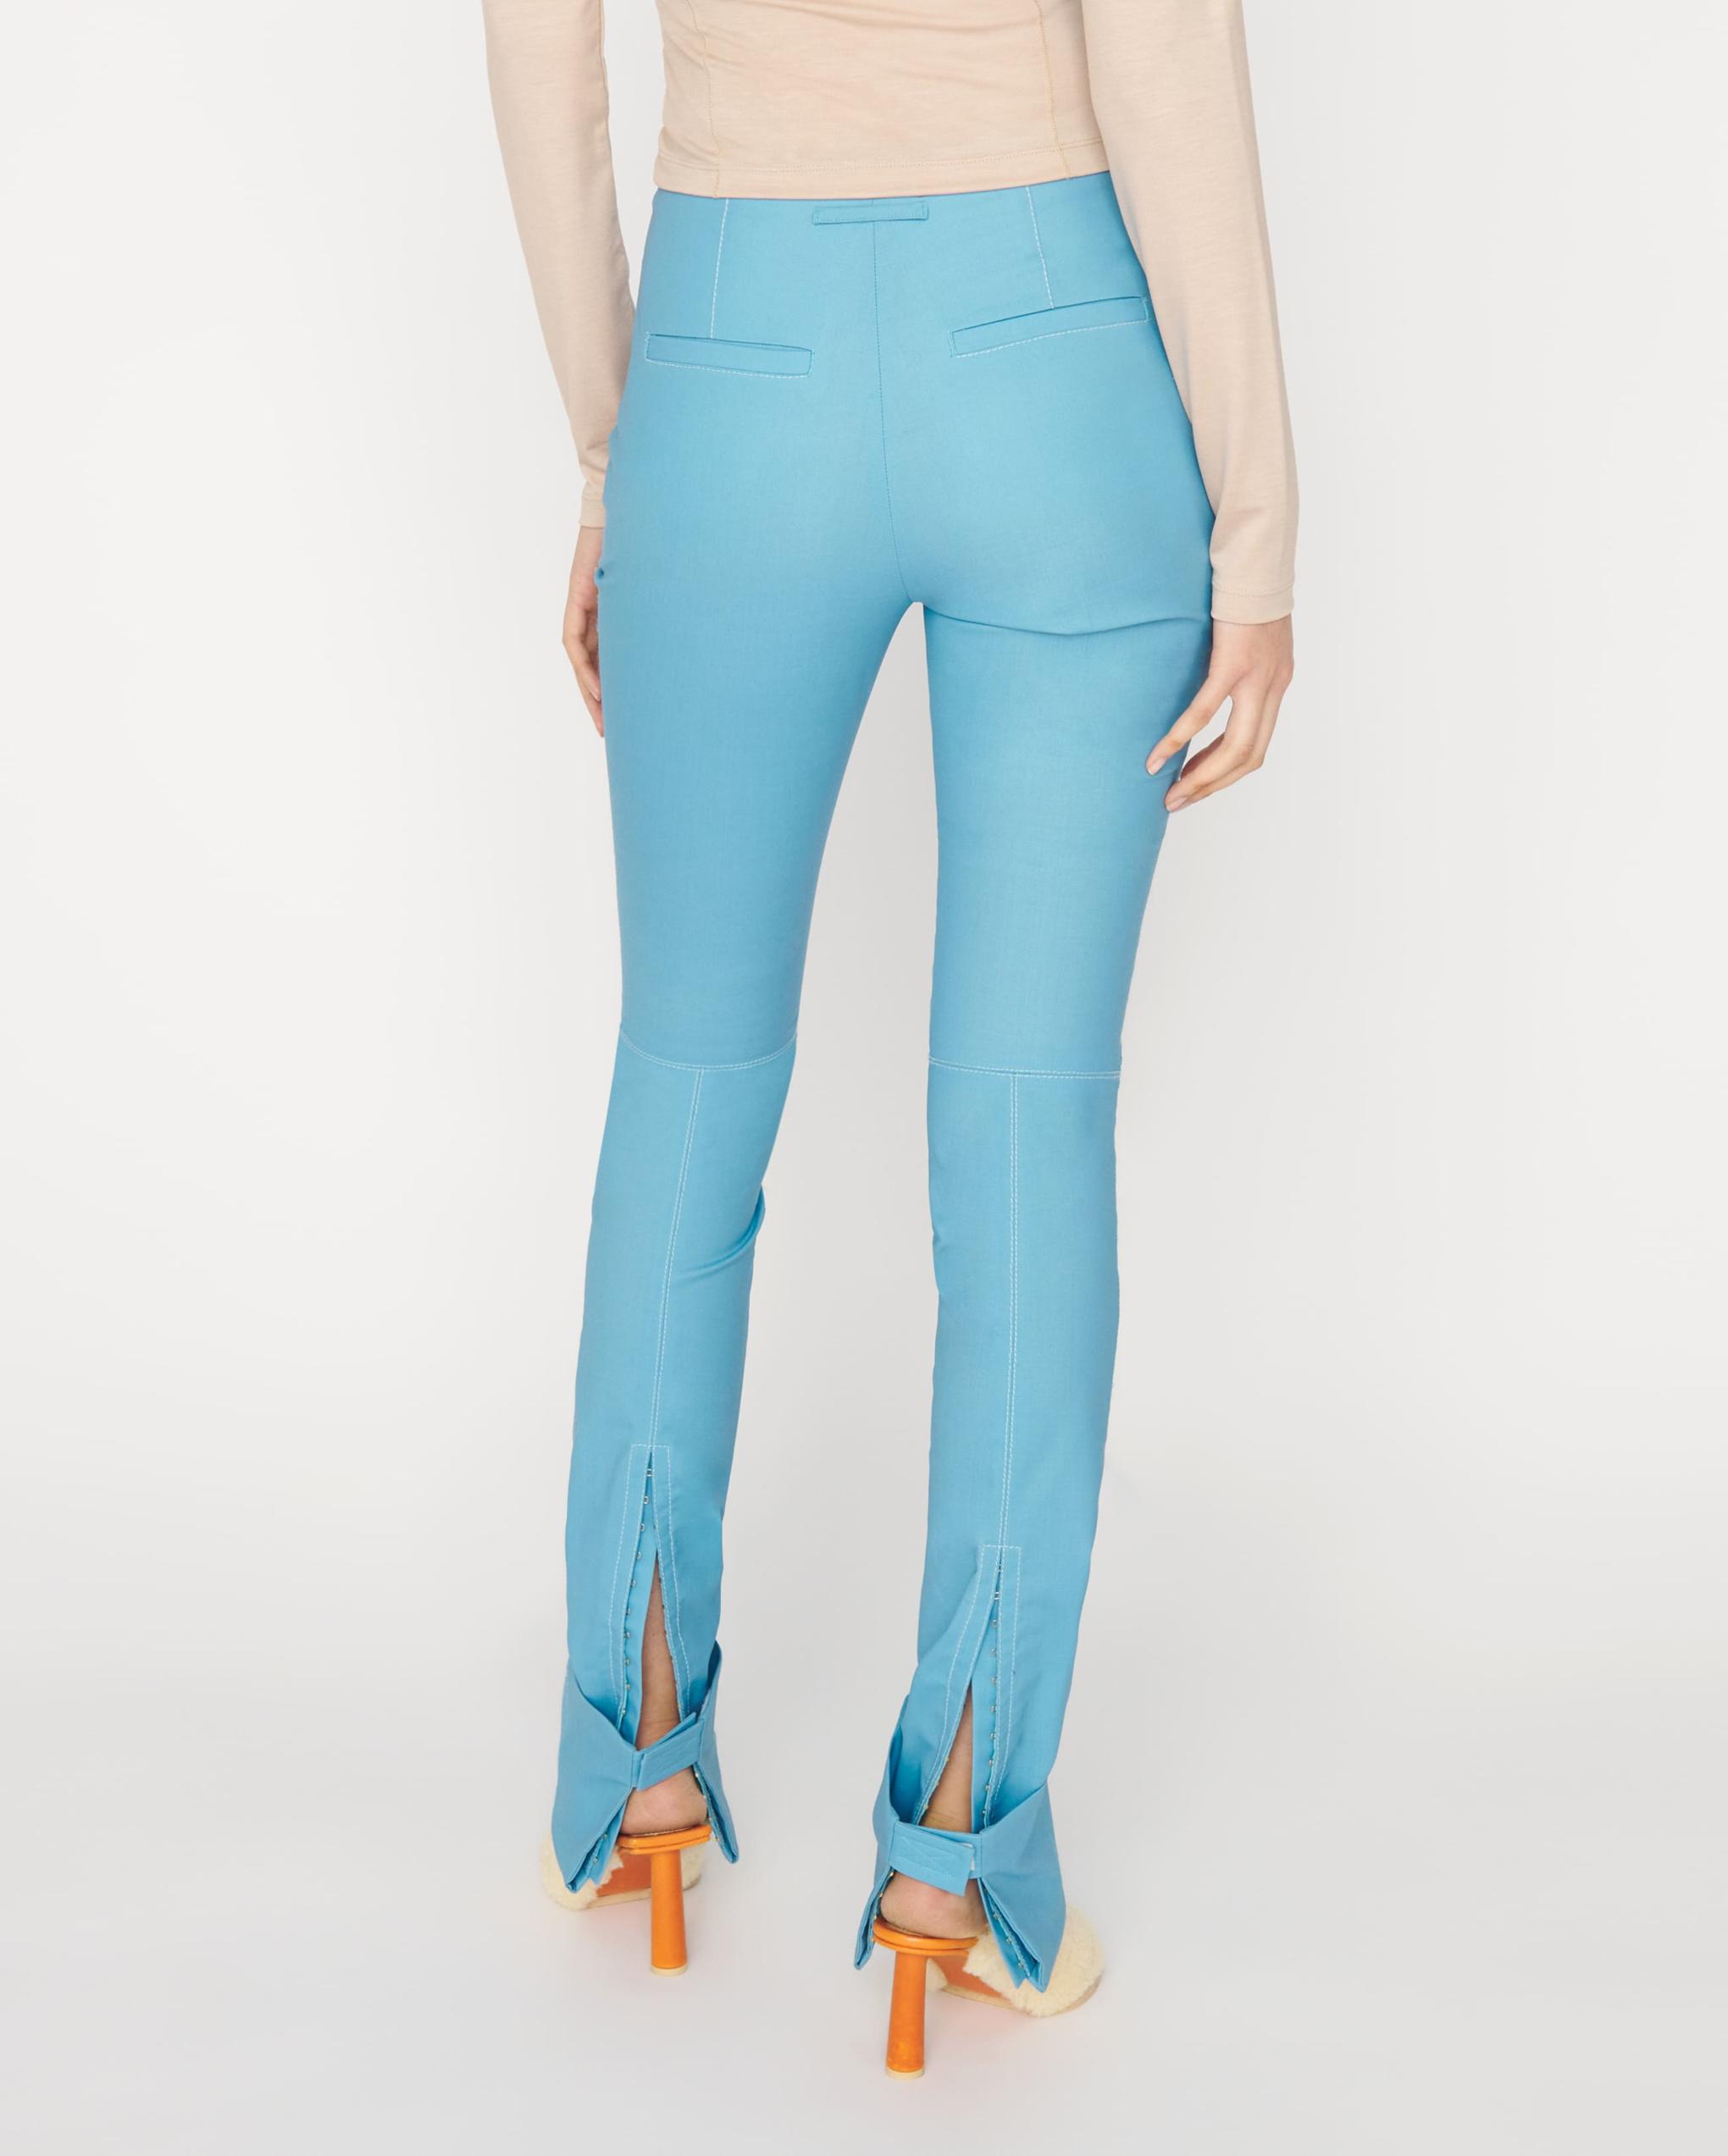 Le pantalon Laya